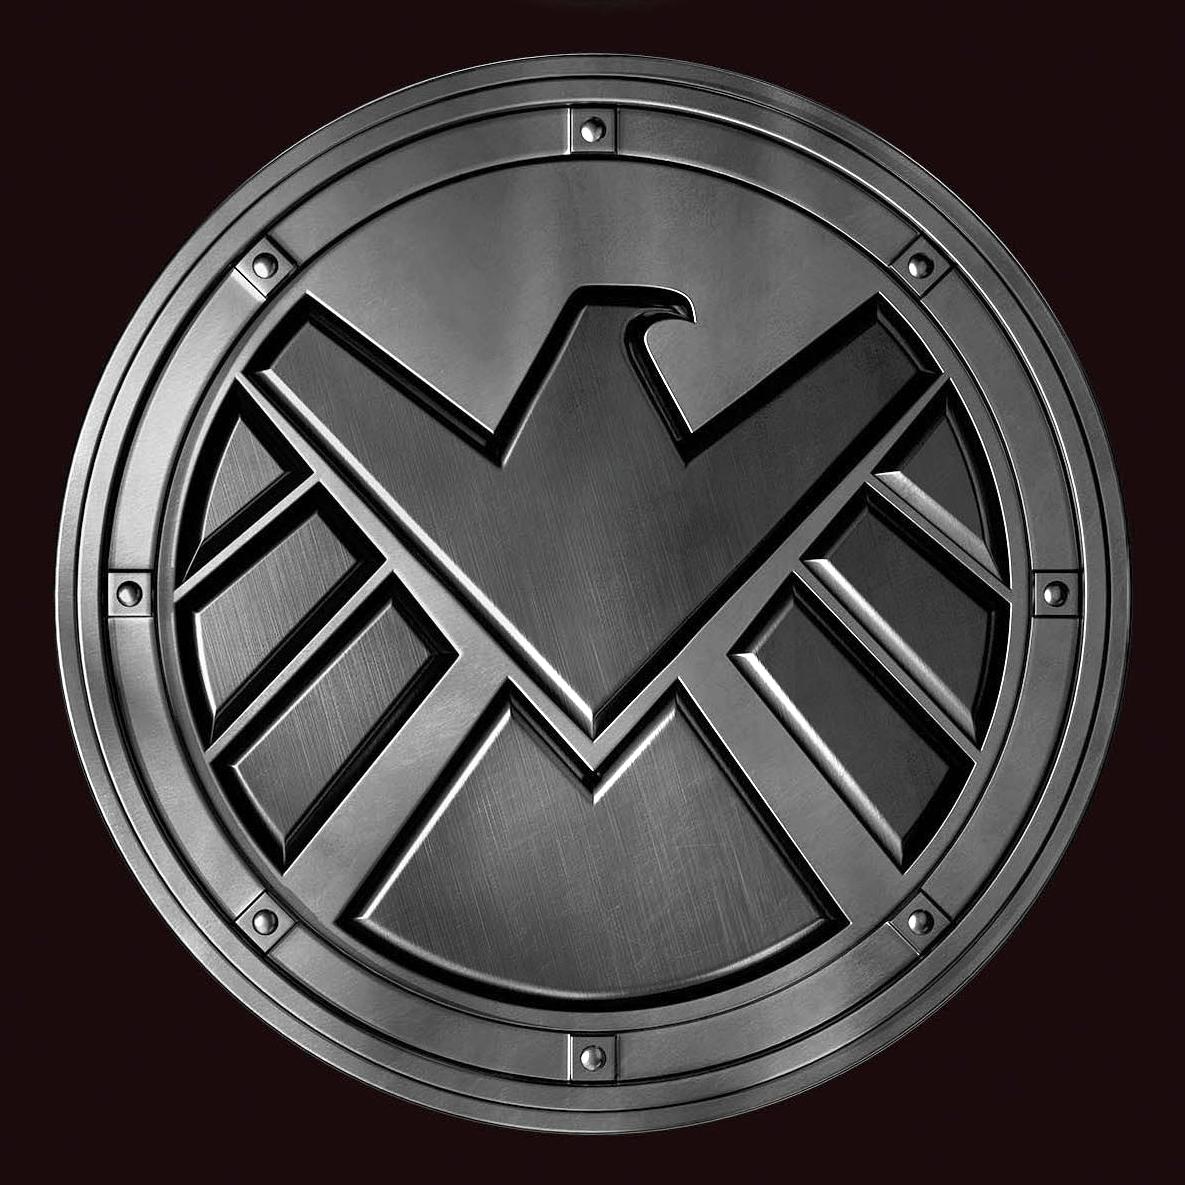 Image Shield 3d Logo 1g Disney Wiki Fandom Powered By Wikia